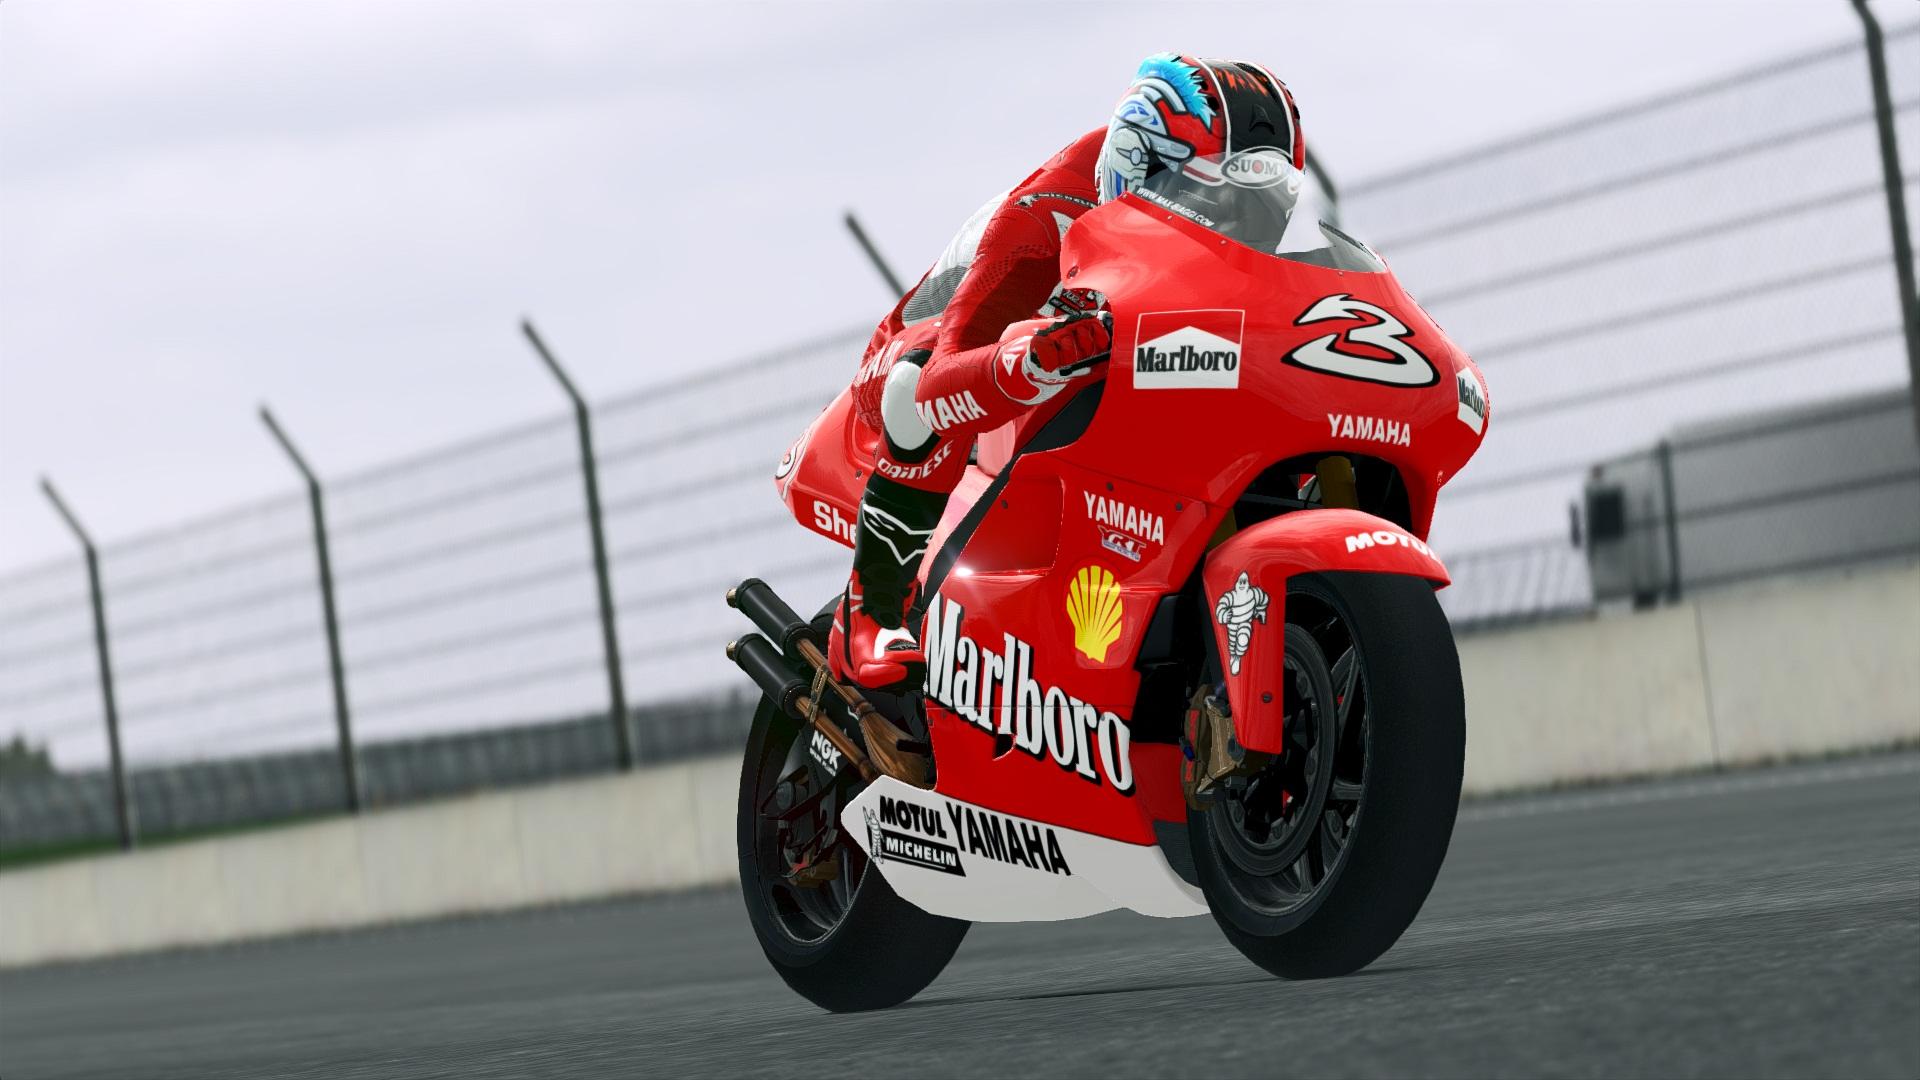 MotoGP14X64.exe_DX11_20140727_100536.jpg